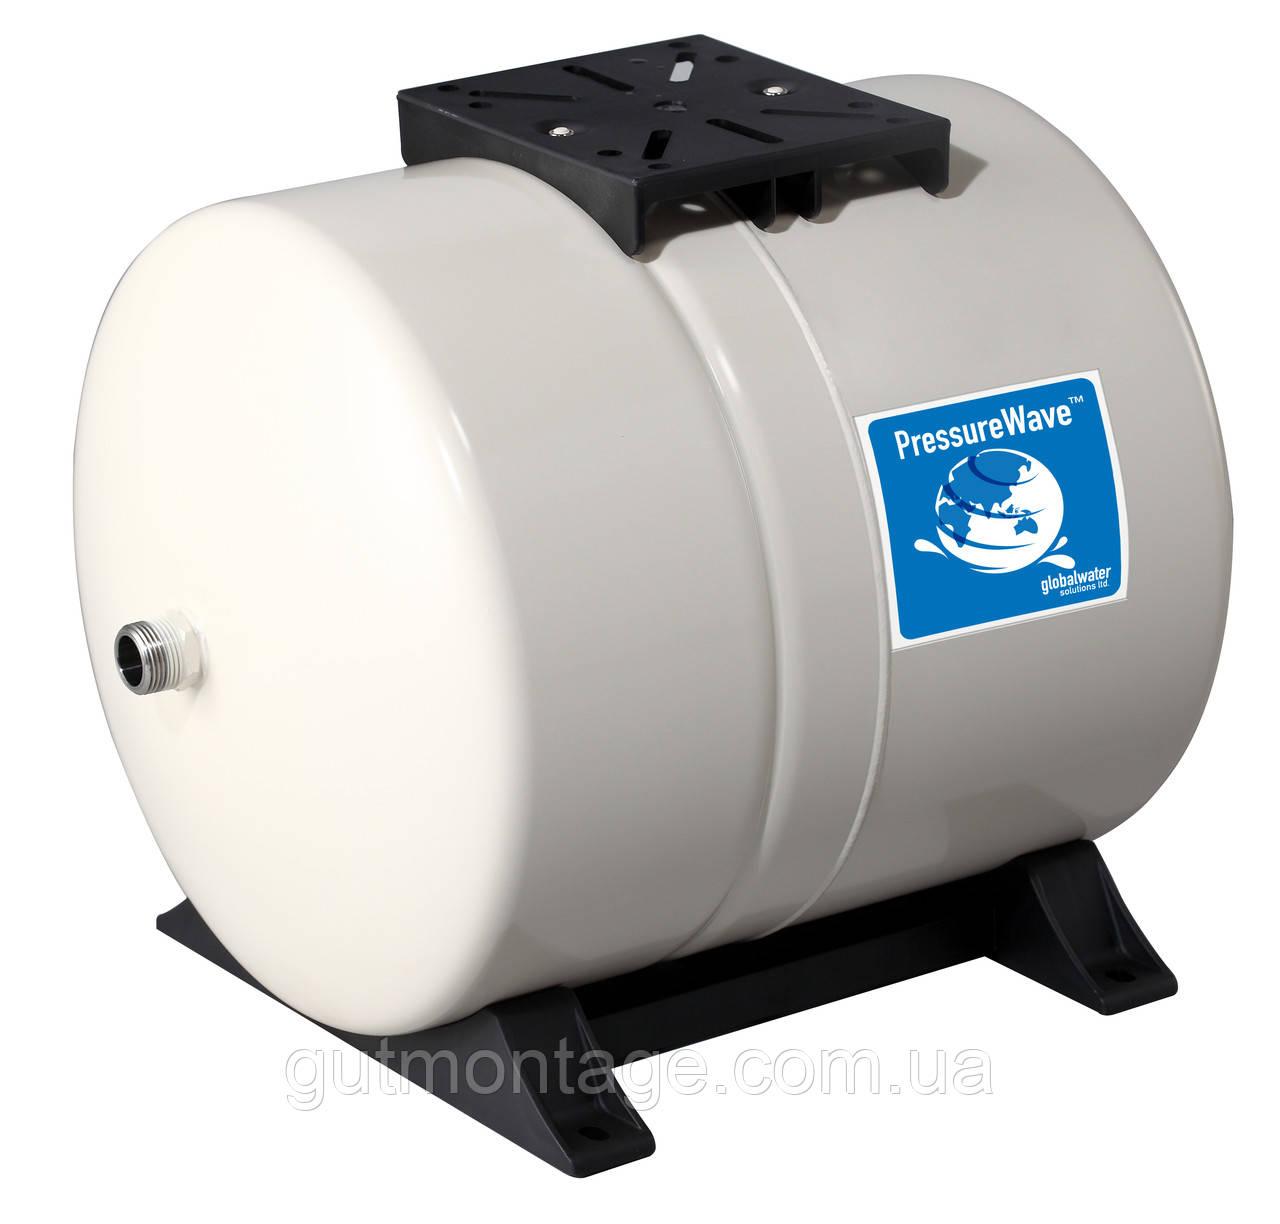 Гидроаккумулятор 60л горизонтальный GWS PressureWave (PWB-60LH)